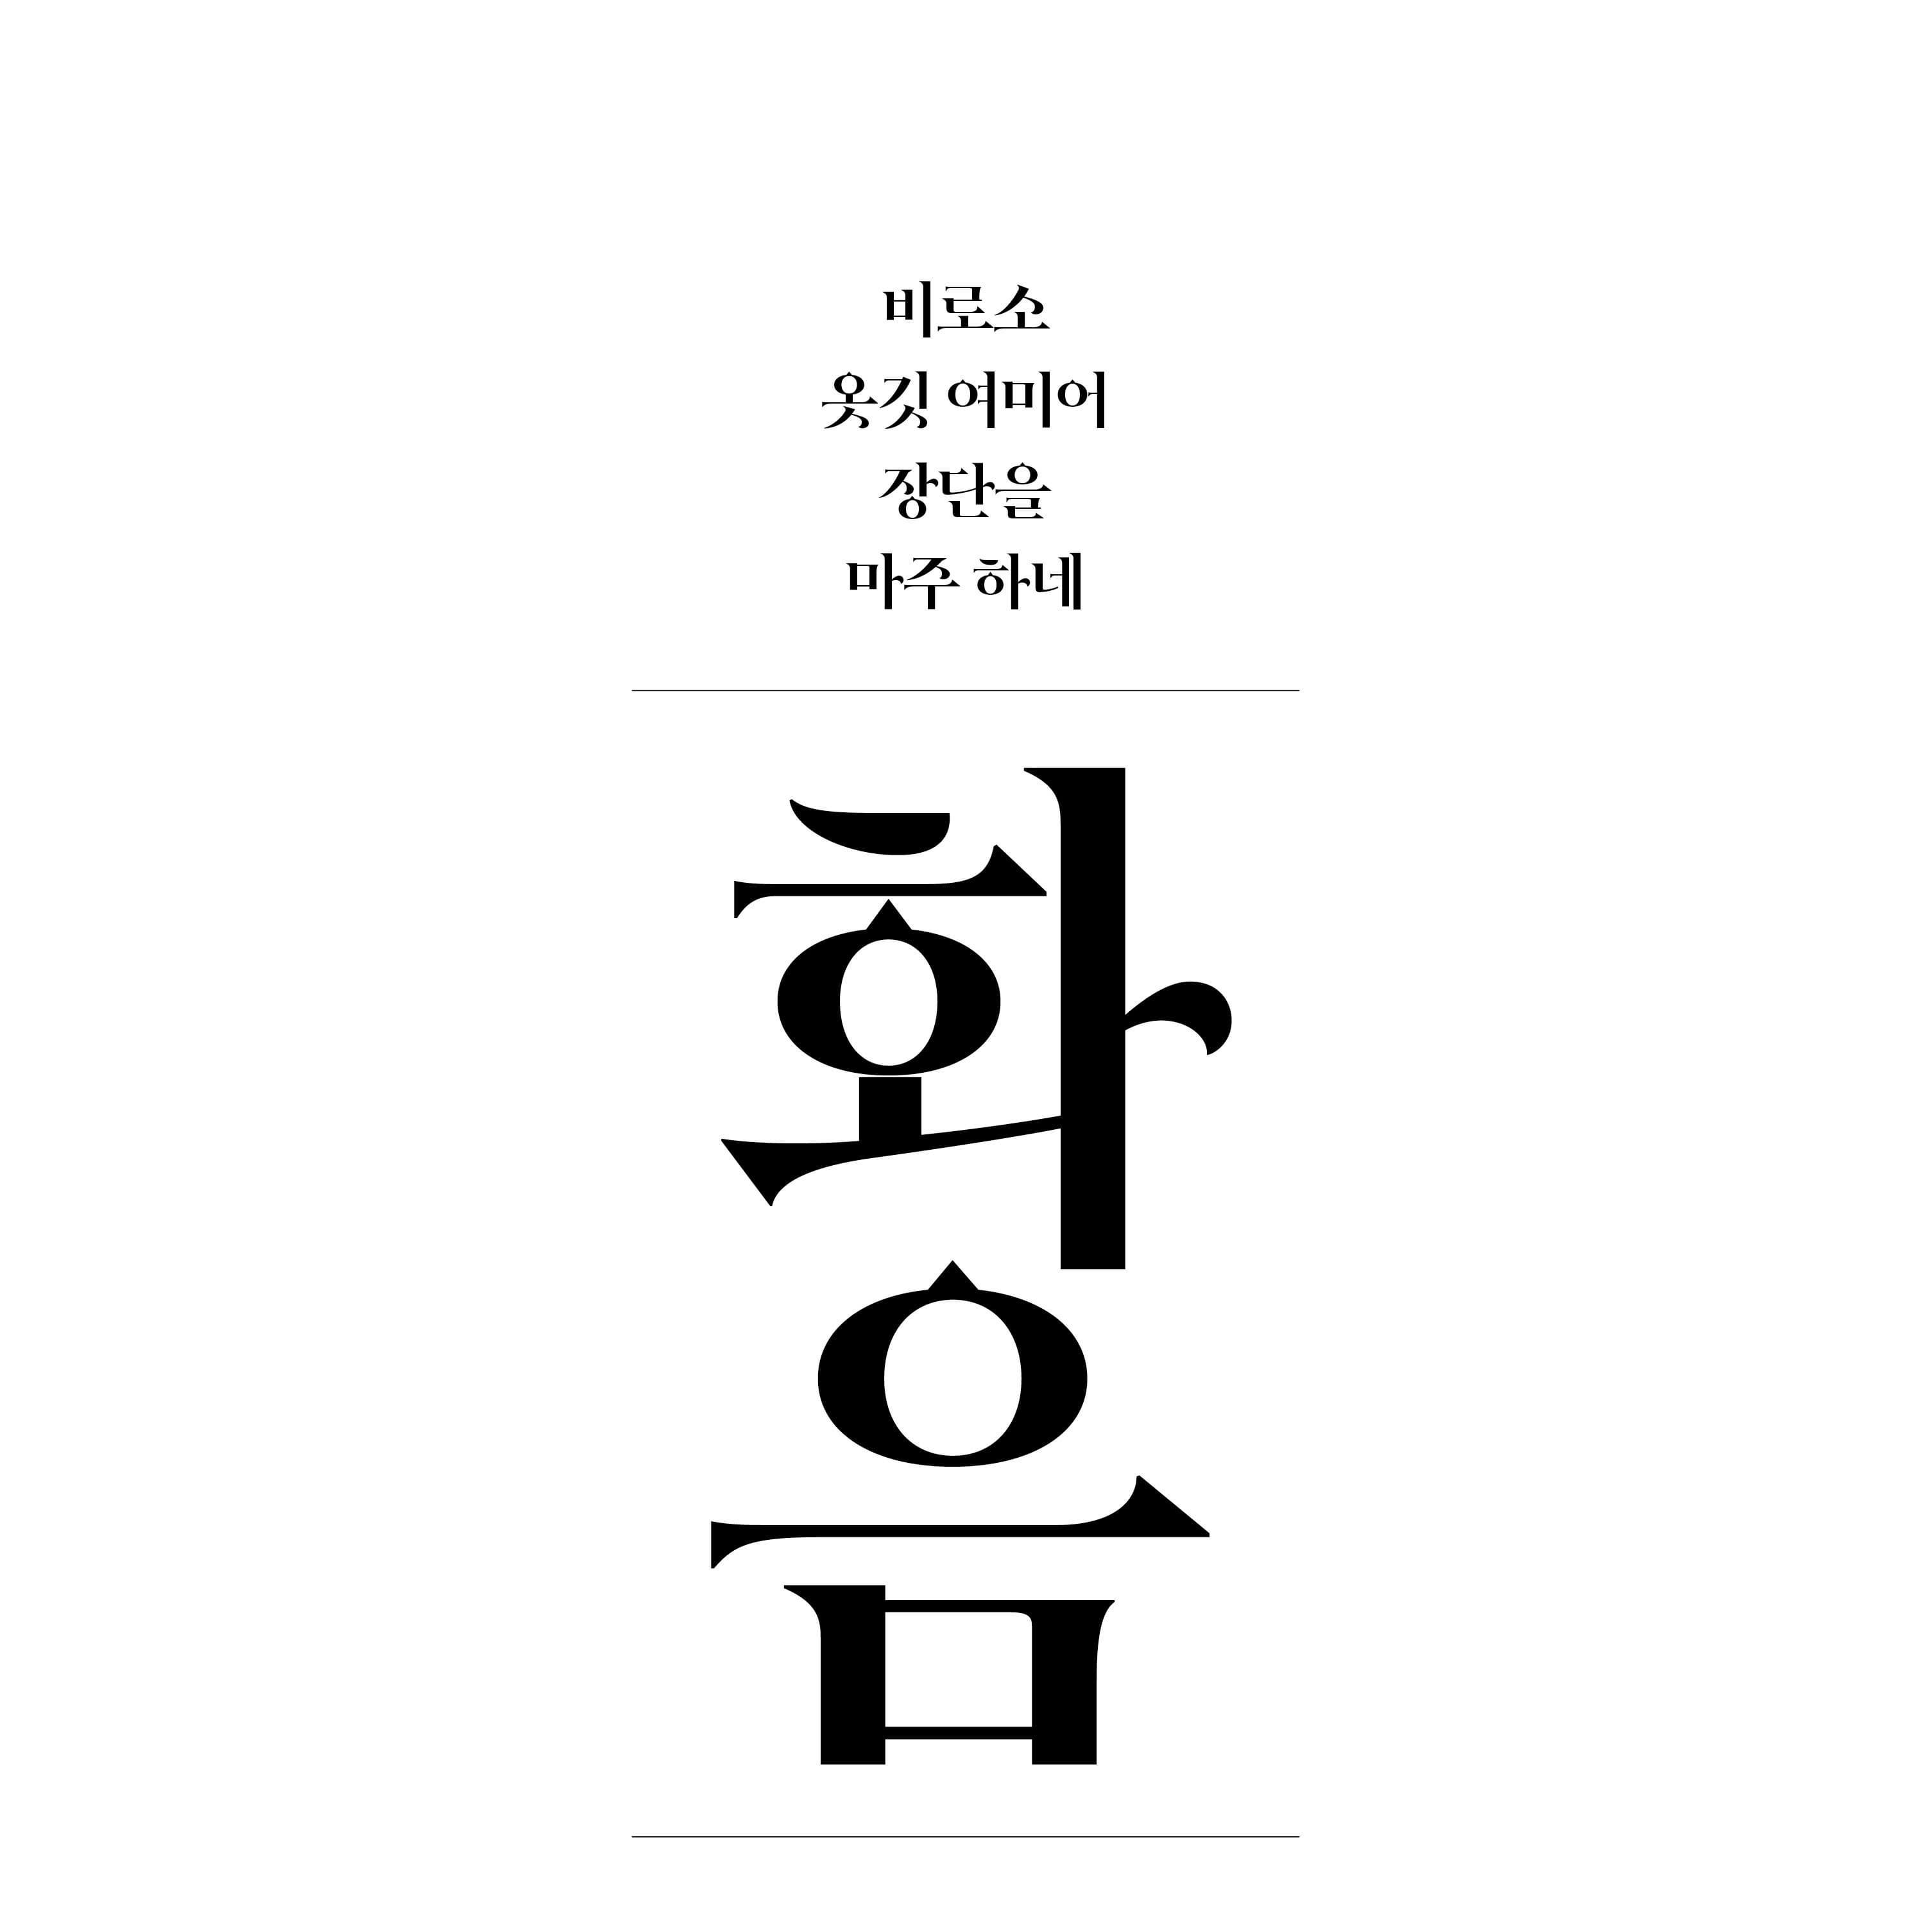 화음시리즈 - 성음 (김청만)